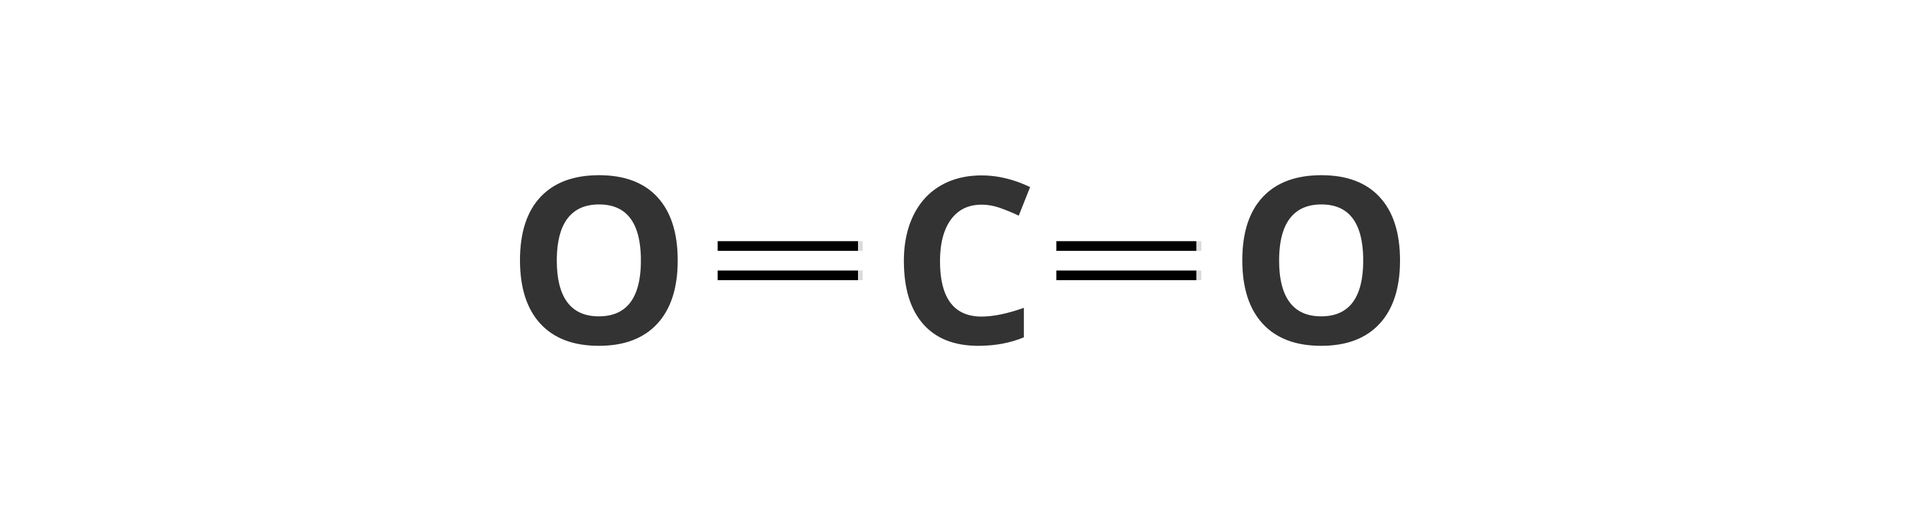 Ilustracja przedstawia wzór strukturalny dwutlenku węgla zatomem węgla wśrodku ipołączonymi znim wiązaniami podwójnymi dwoma atomami tlenu po bokach.